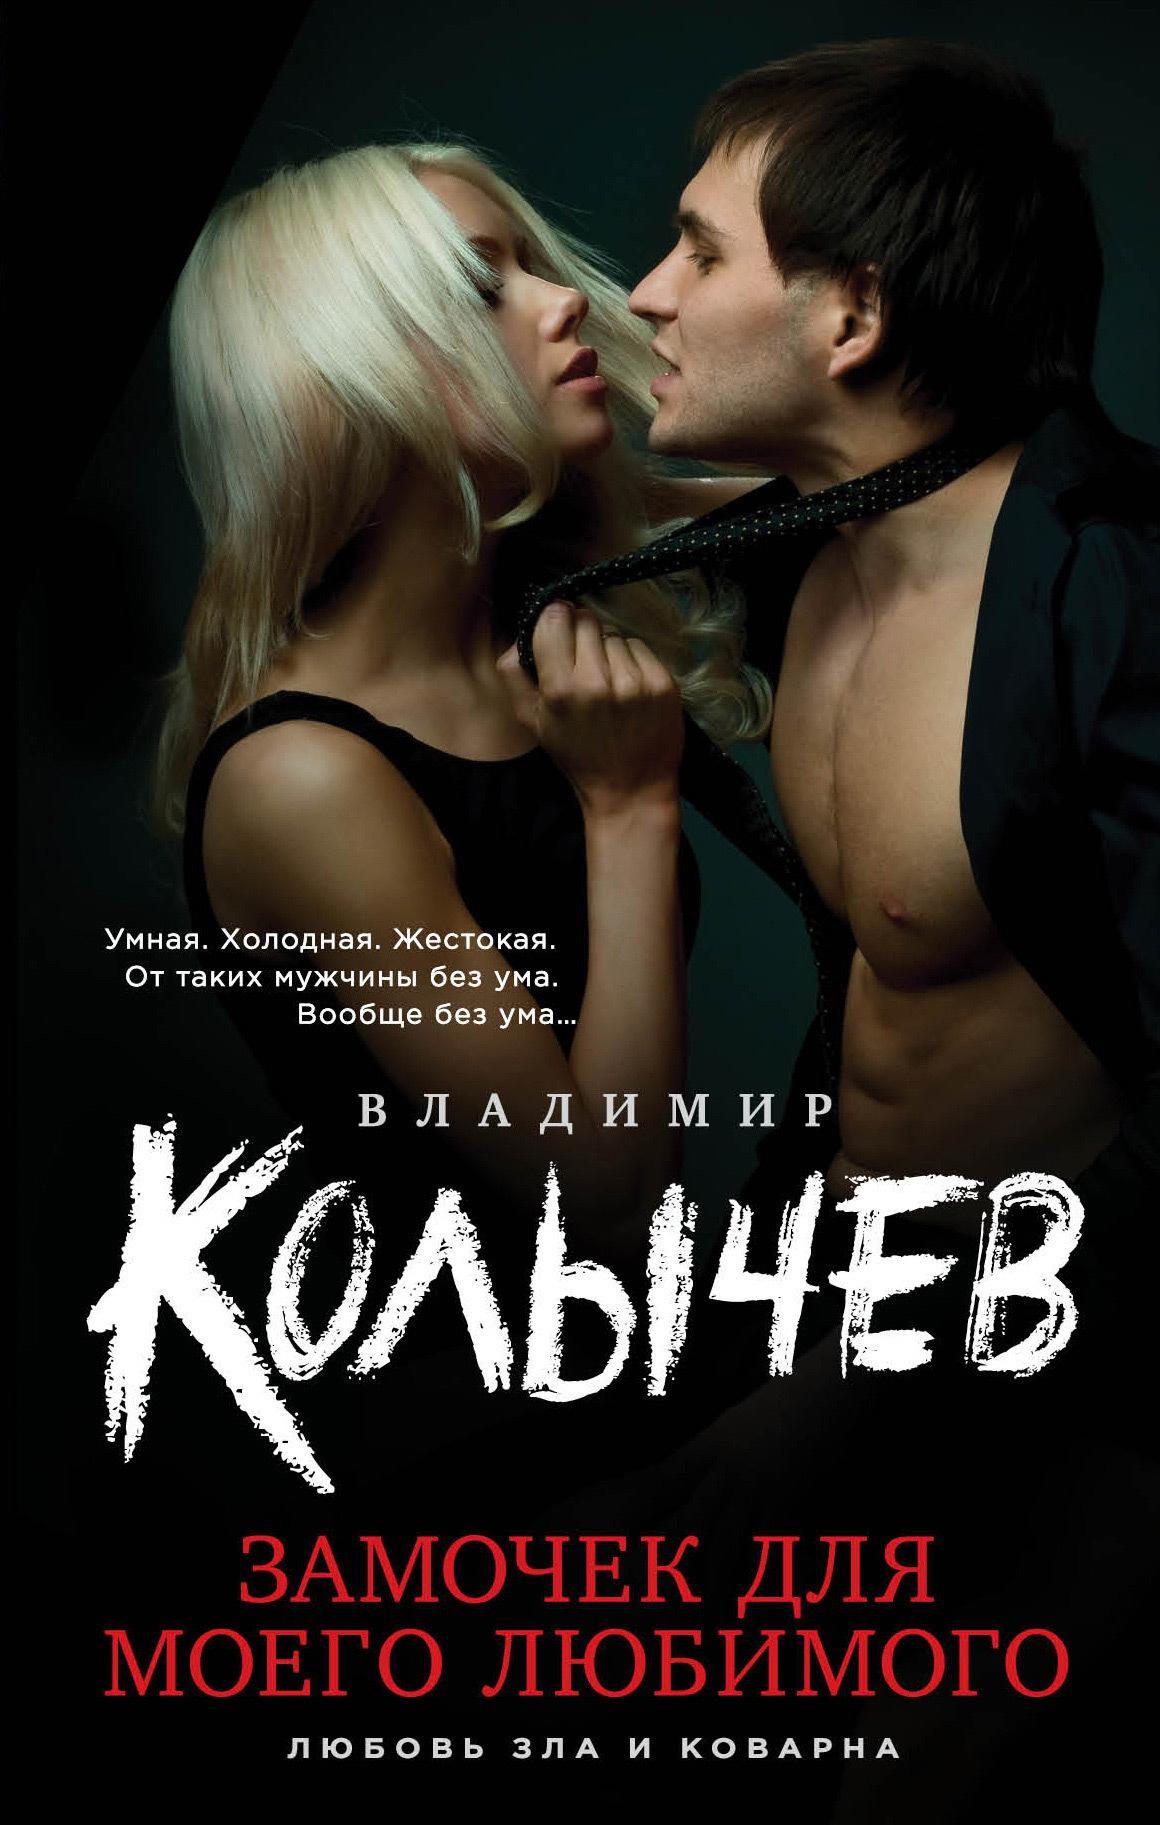 Владимир Колычев - Замочек для моего любимого